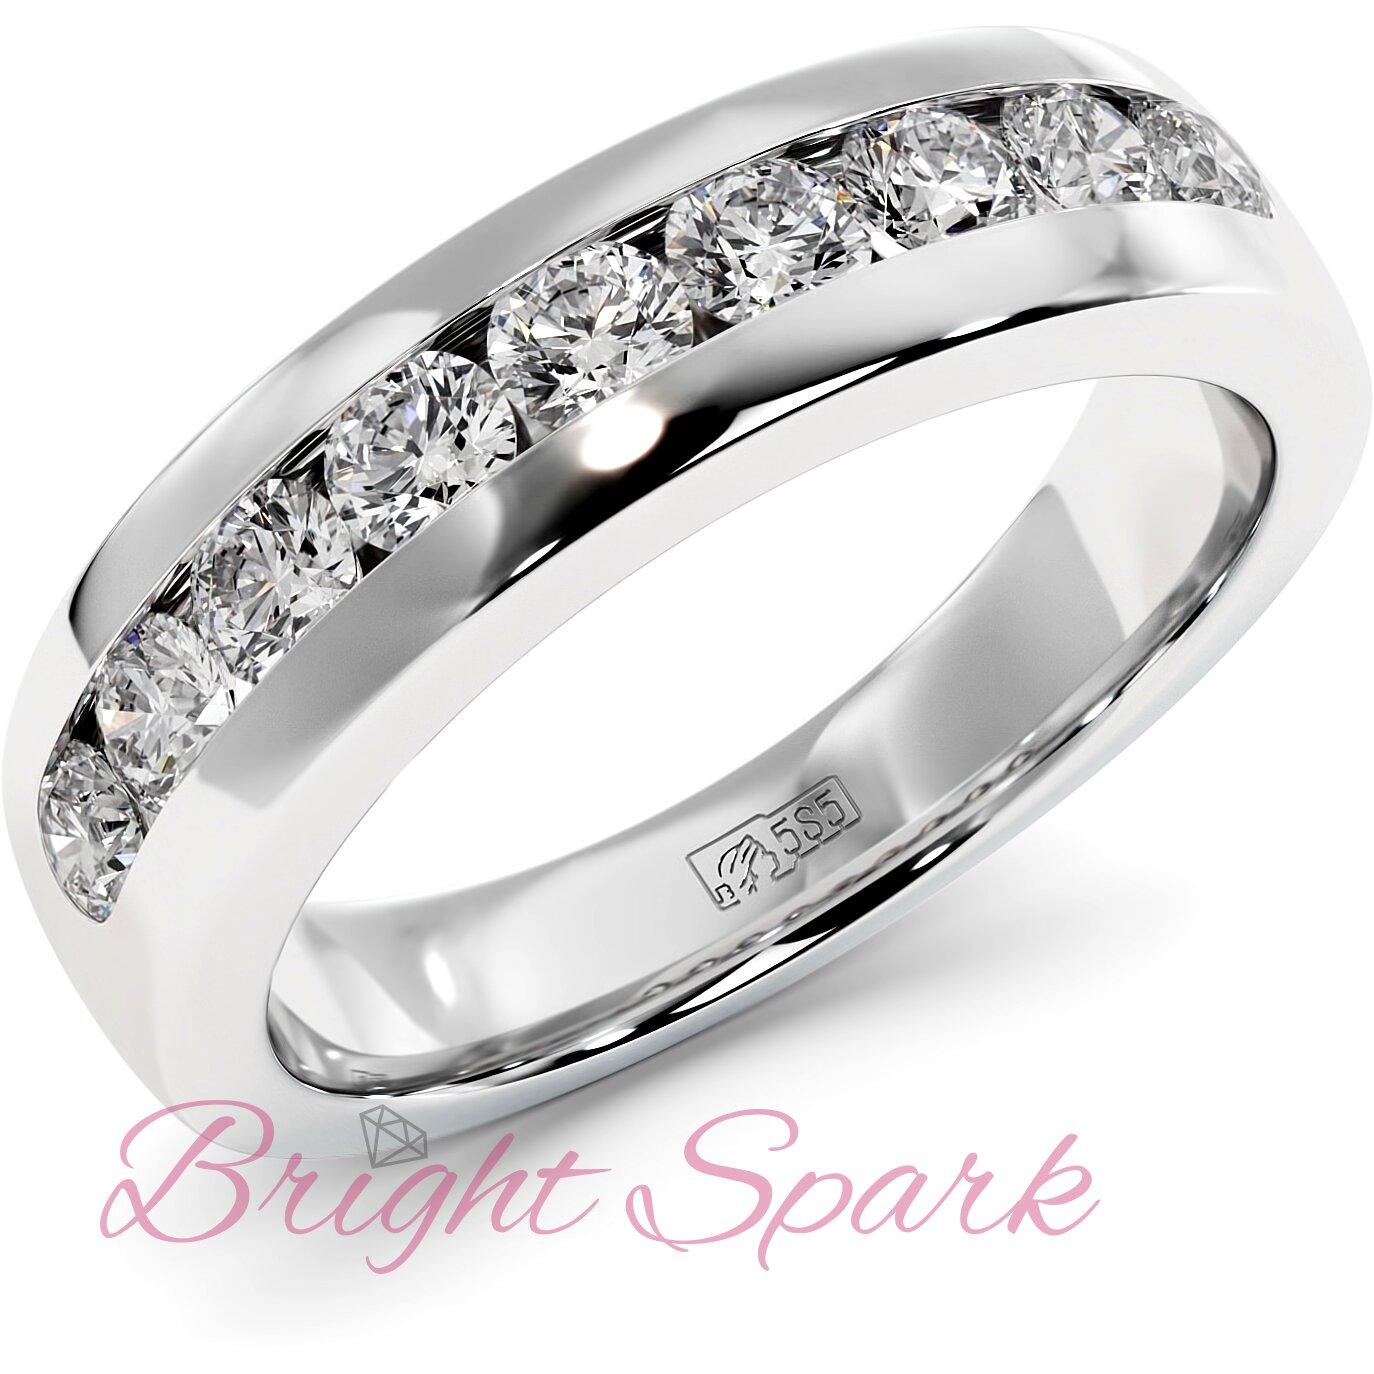 Обручальное кольцо белого золота с 9 камнями Robert 0,9 карата